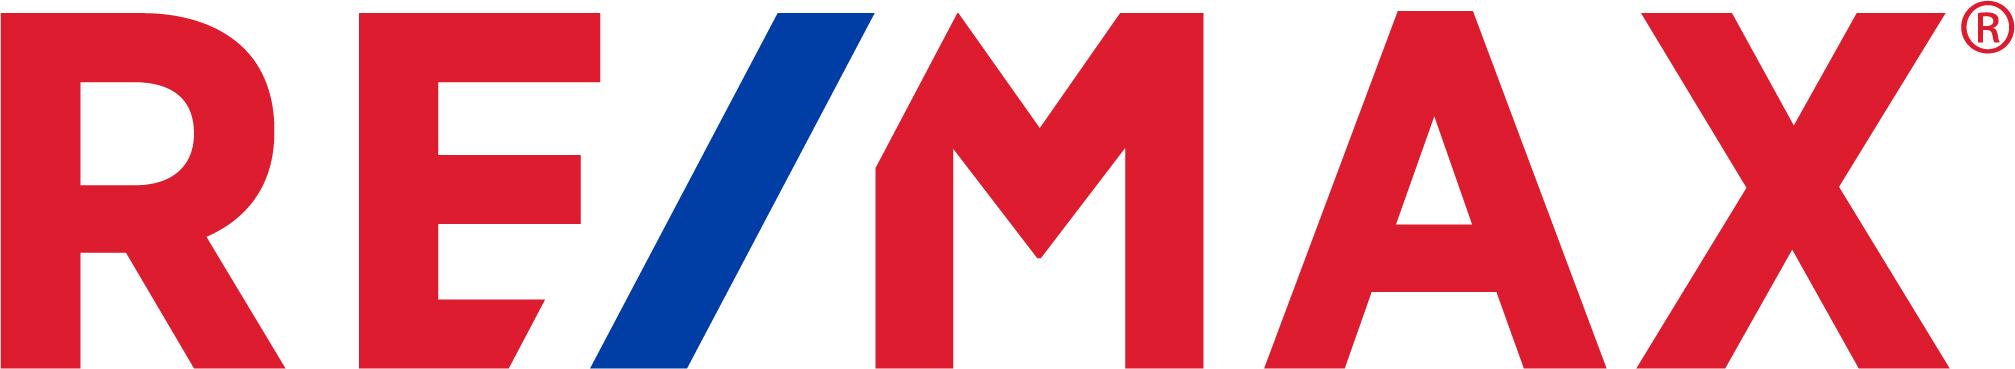 RE/MAX Signature